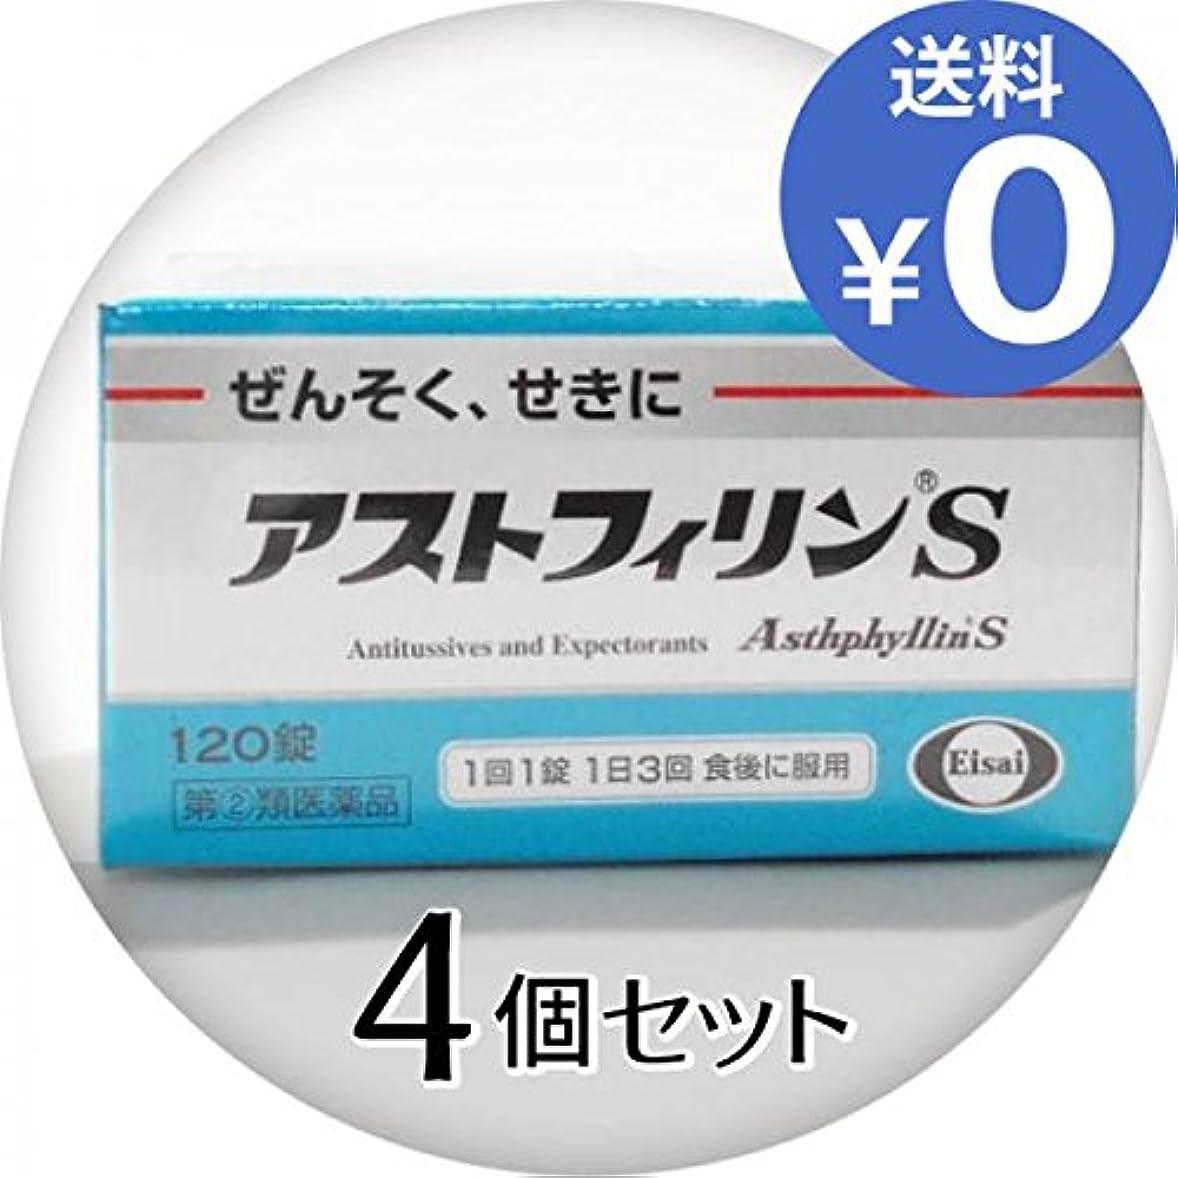 つかいます気取らないレーザ【指定第2類医薬品】アストフィリンS 45錠 ×4